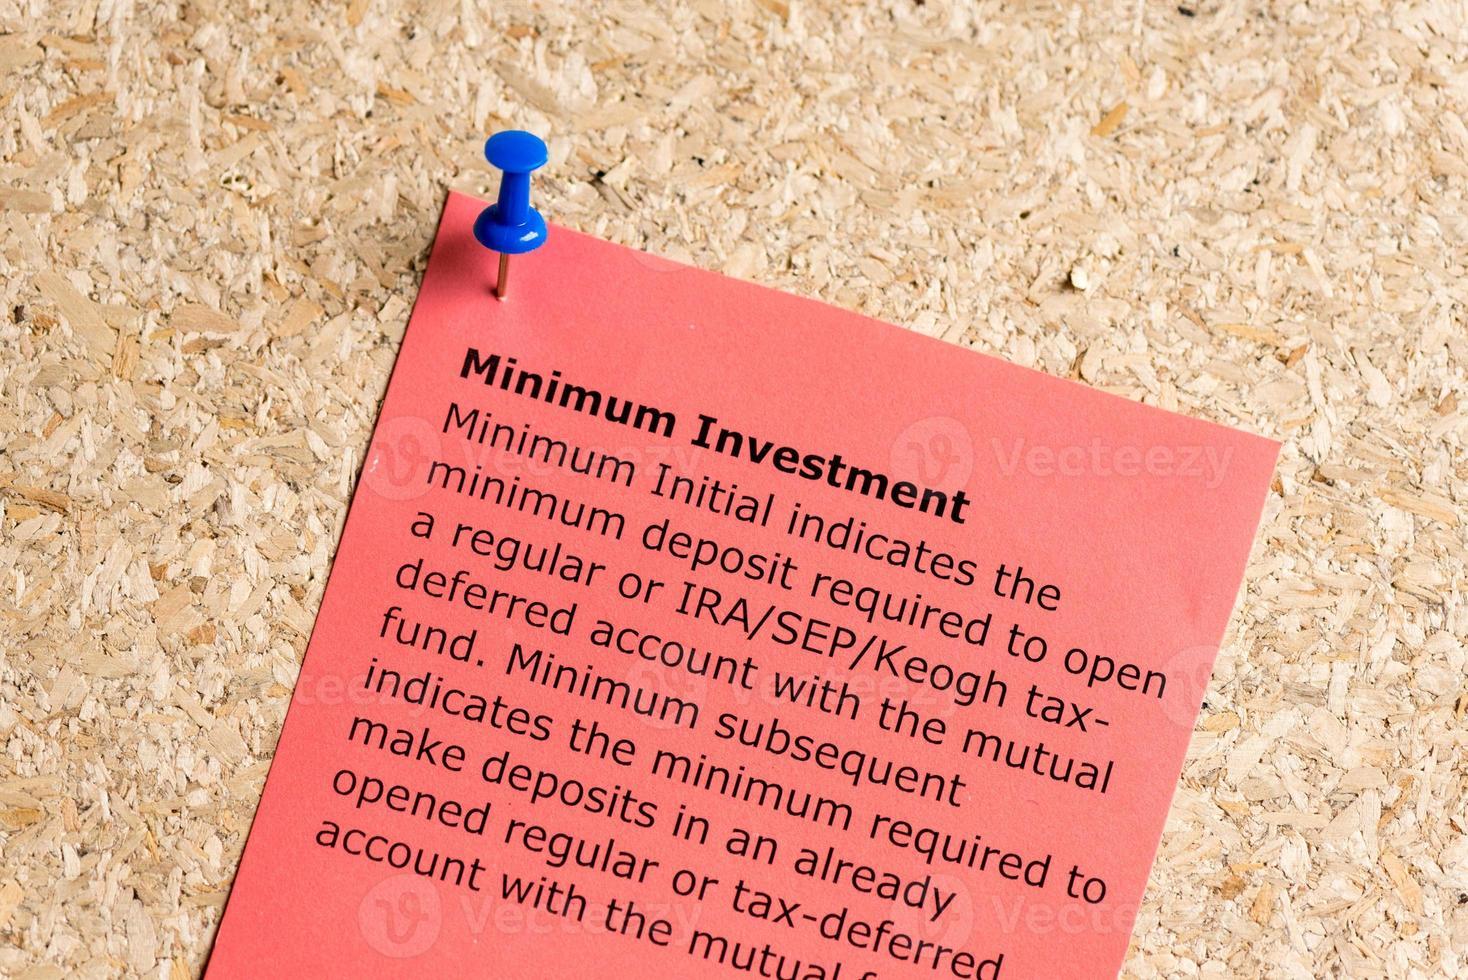 minimum investment photo